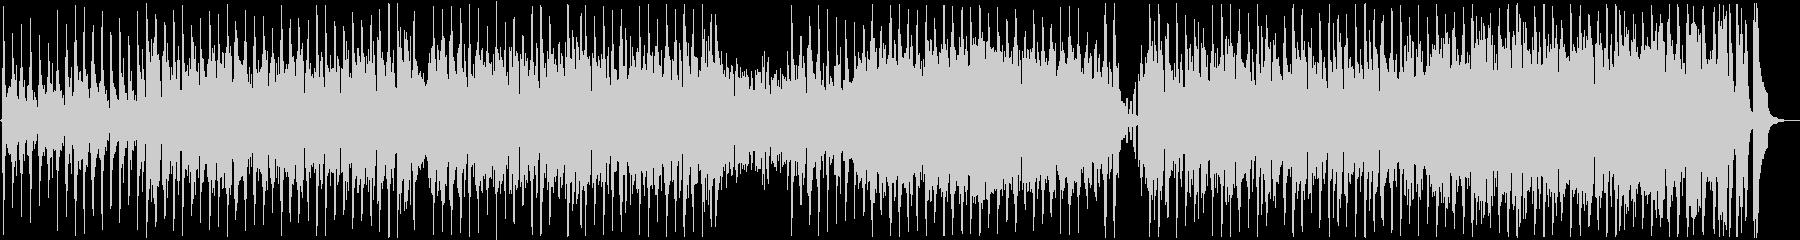 お洒落なボサノバジャズハウスの未再生の波形